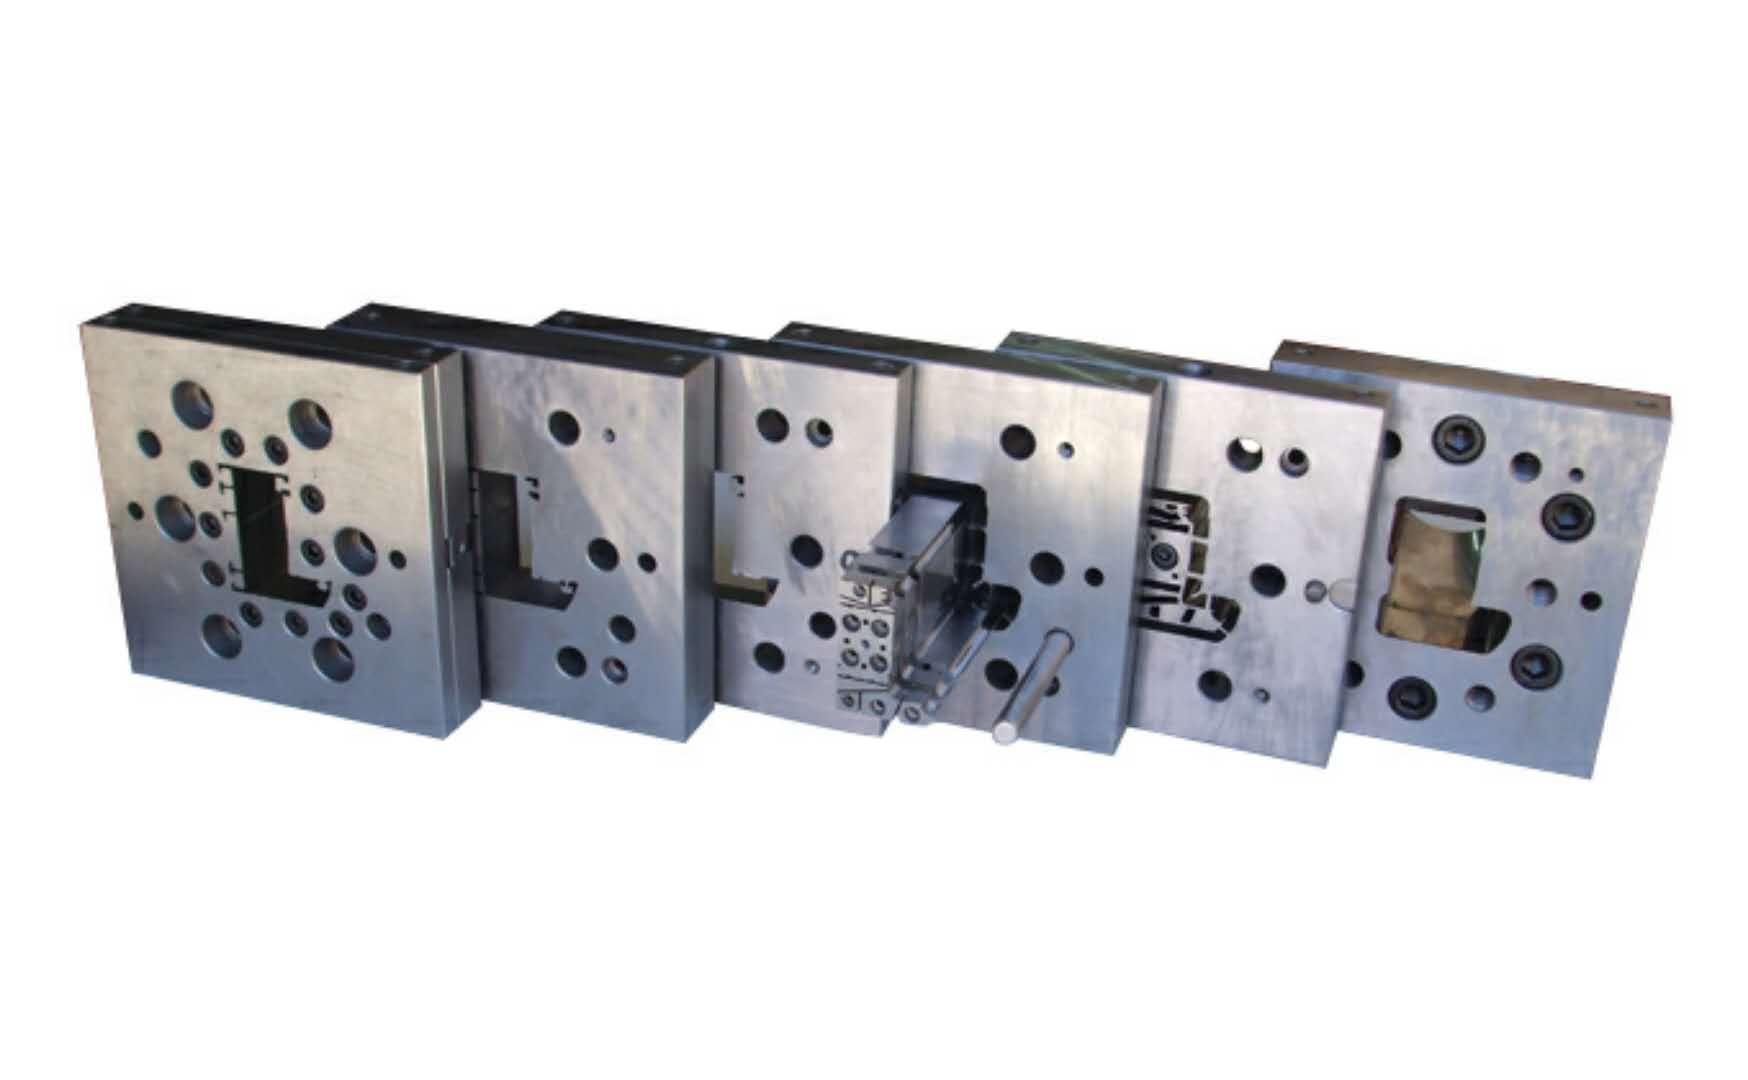 pvc strap mould/pvc profile mould/pvc extruder mould